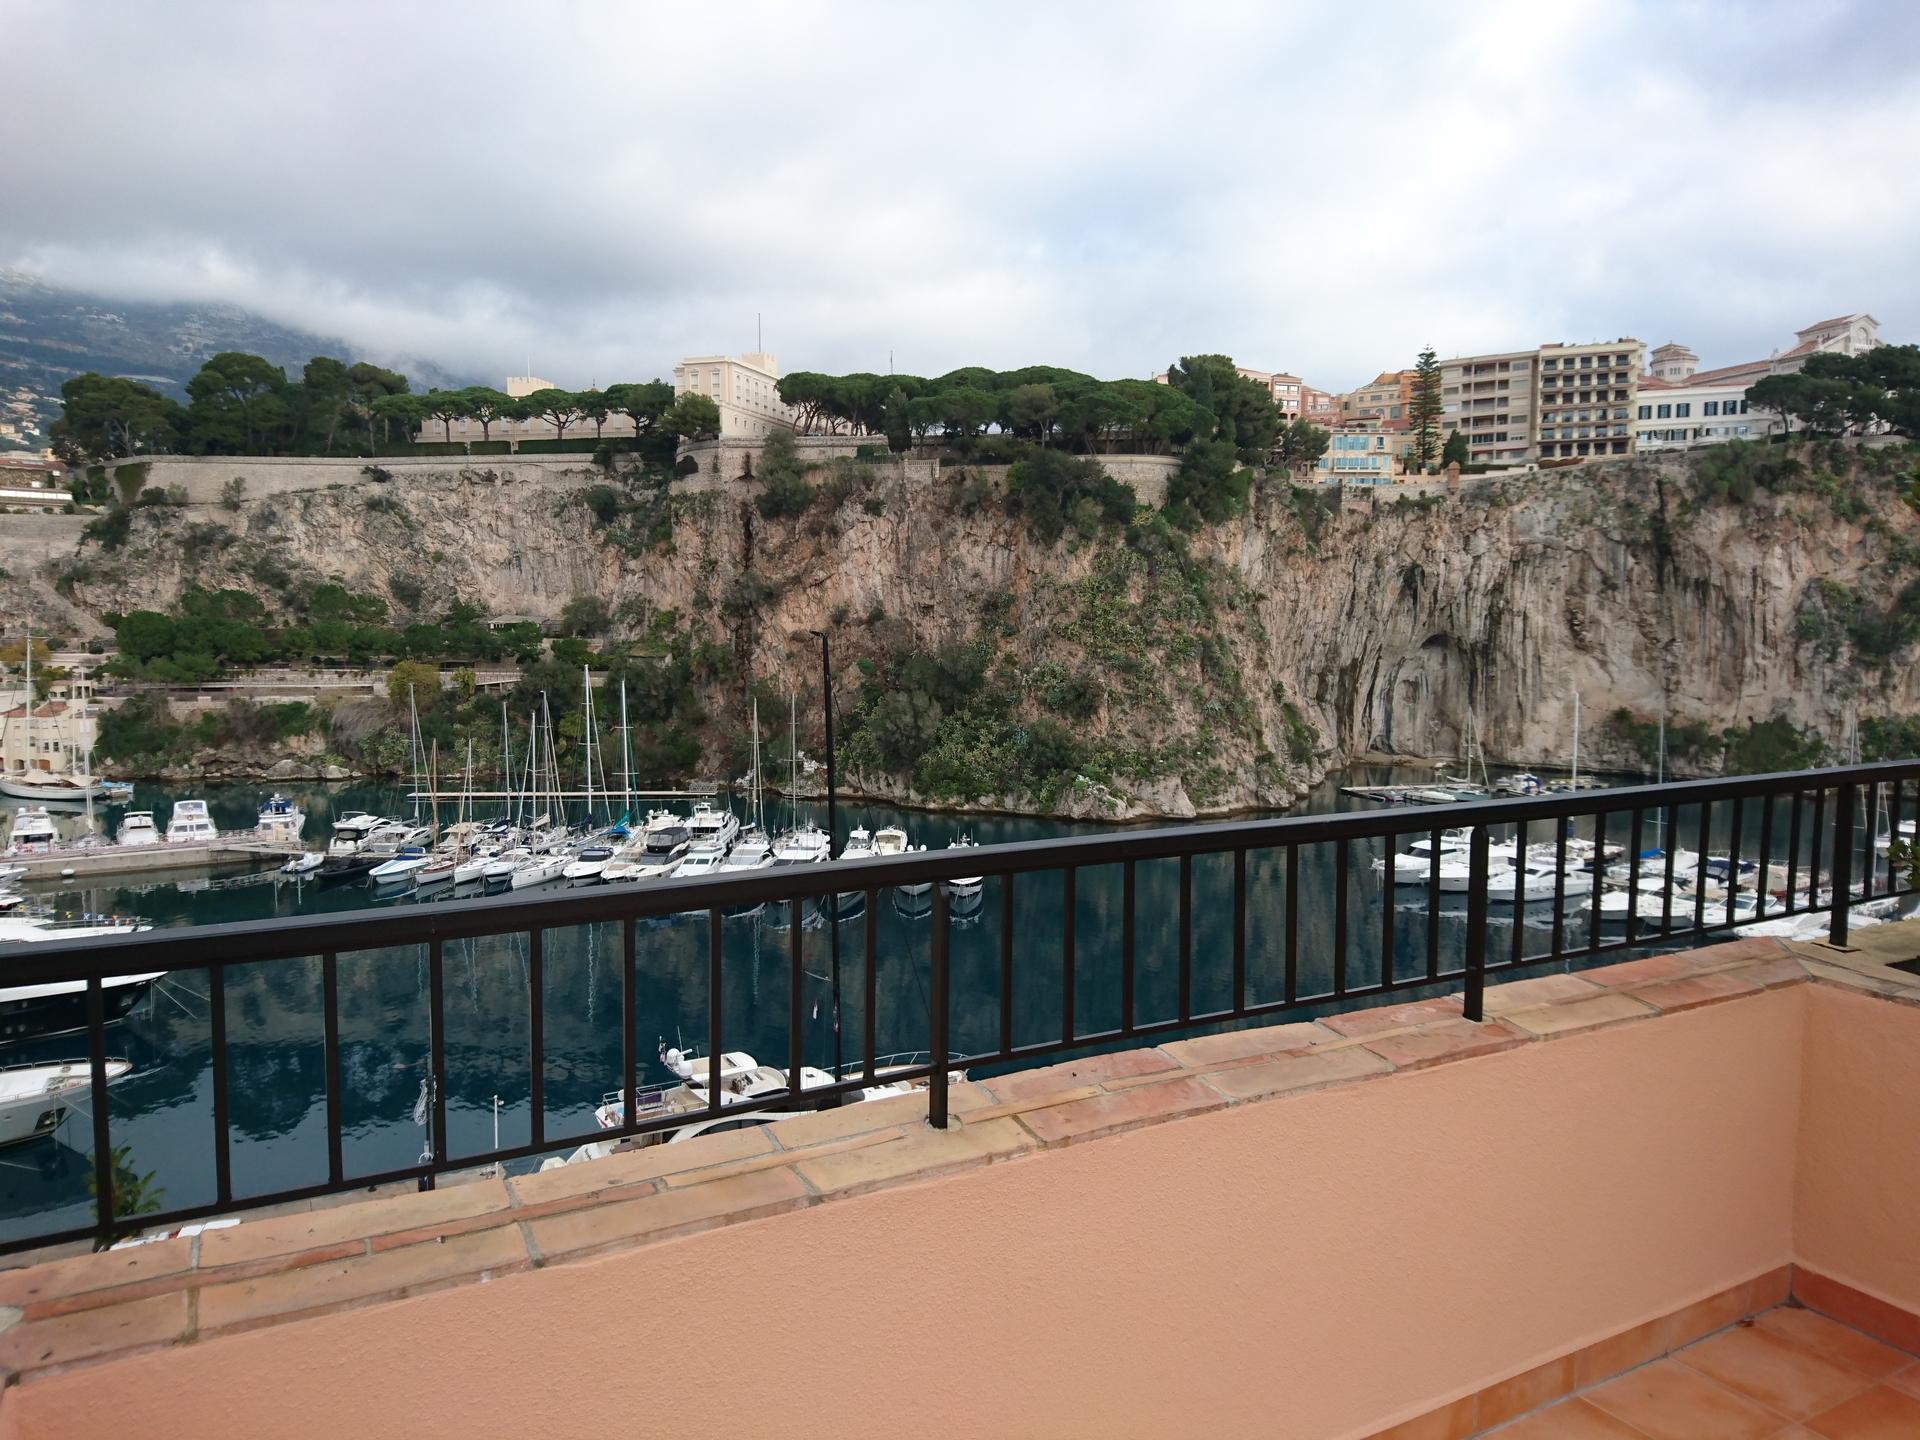 Affitti appartamento con terrazza sul tetto vista stupenda monaco monte carlo - Terrazza sul tetto ...